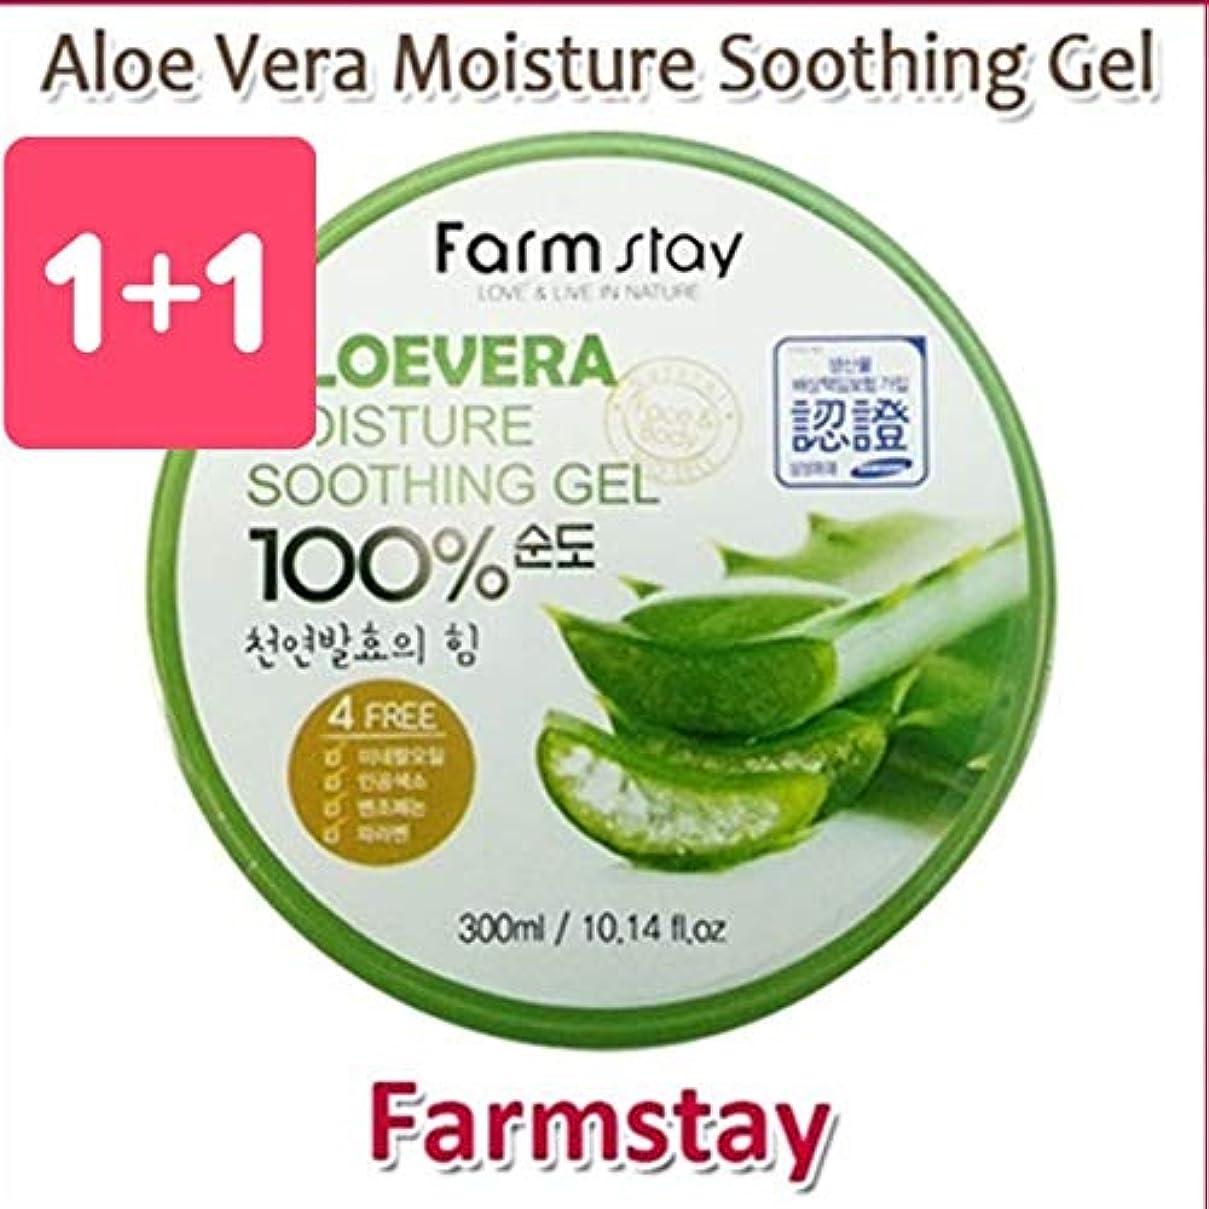 カヌーひまわり混雑Farm Stay Aloe Vera Moisture Soothing Gel 300ml 1+1 Big Sale/オーガニック アロエベラゲル 100%/保湿ケア/韓国コスメ/Aloe Vera 100% /Moisturizing...